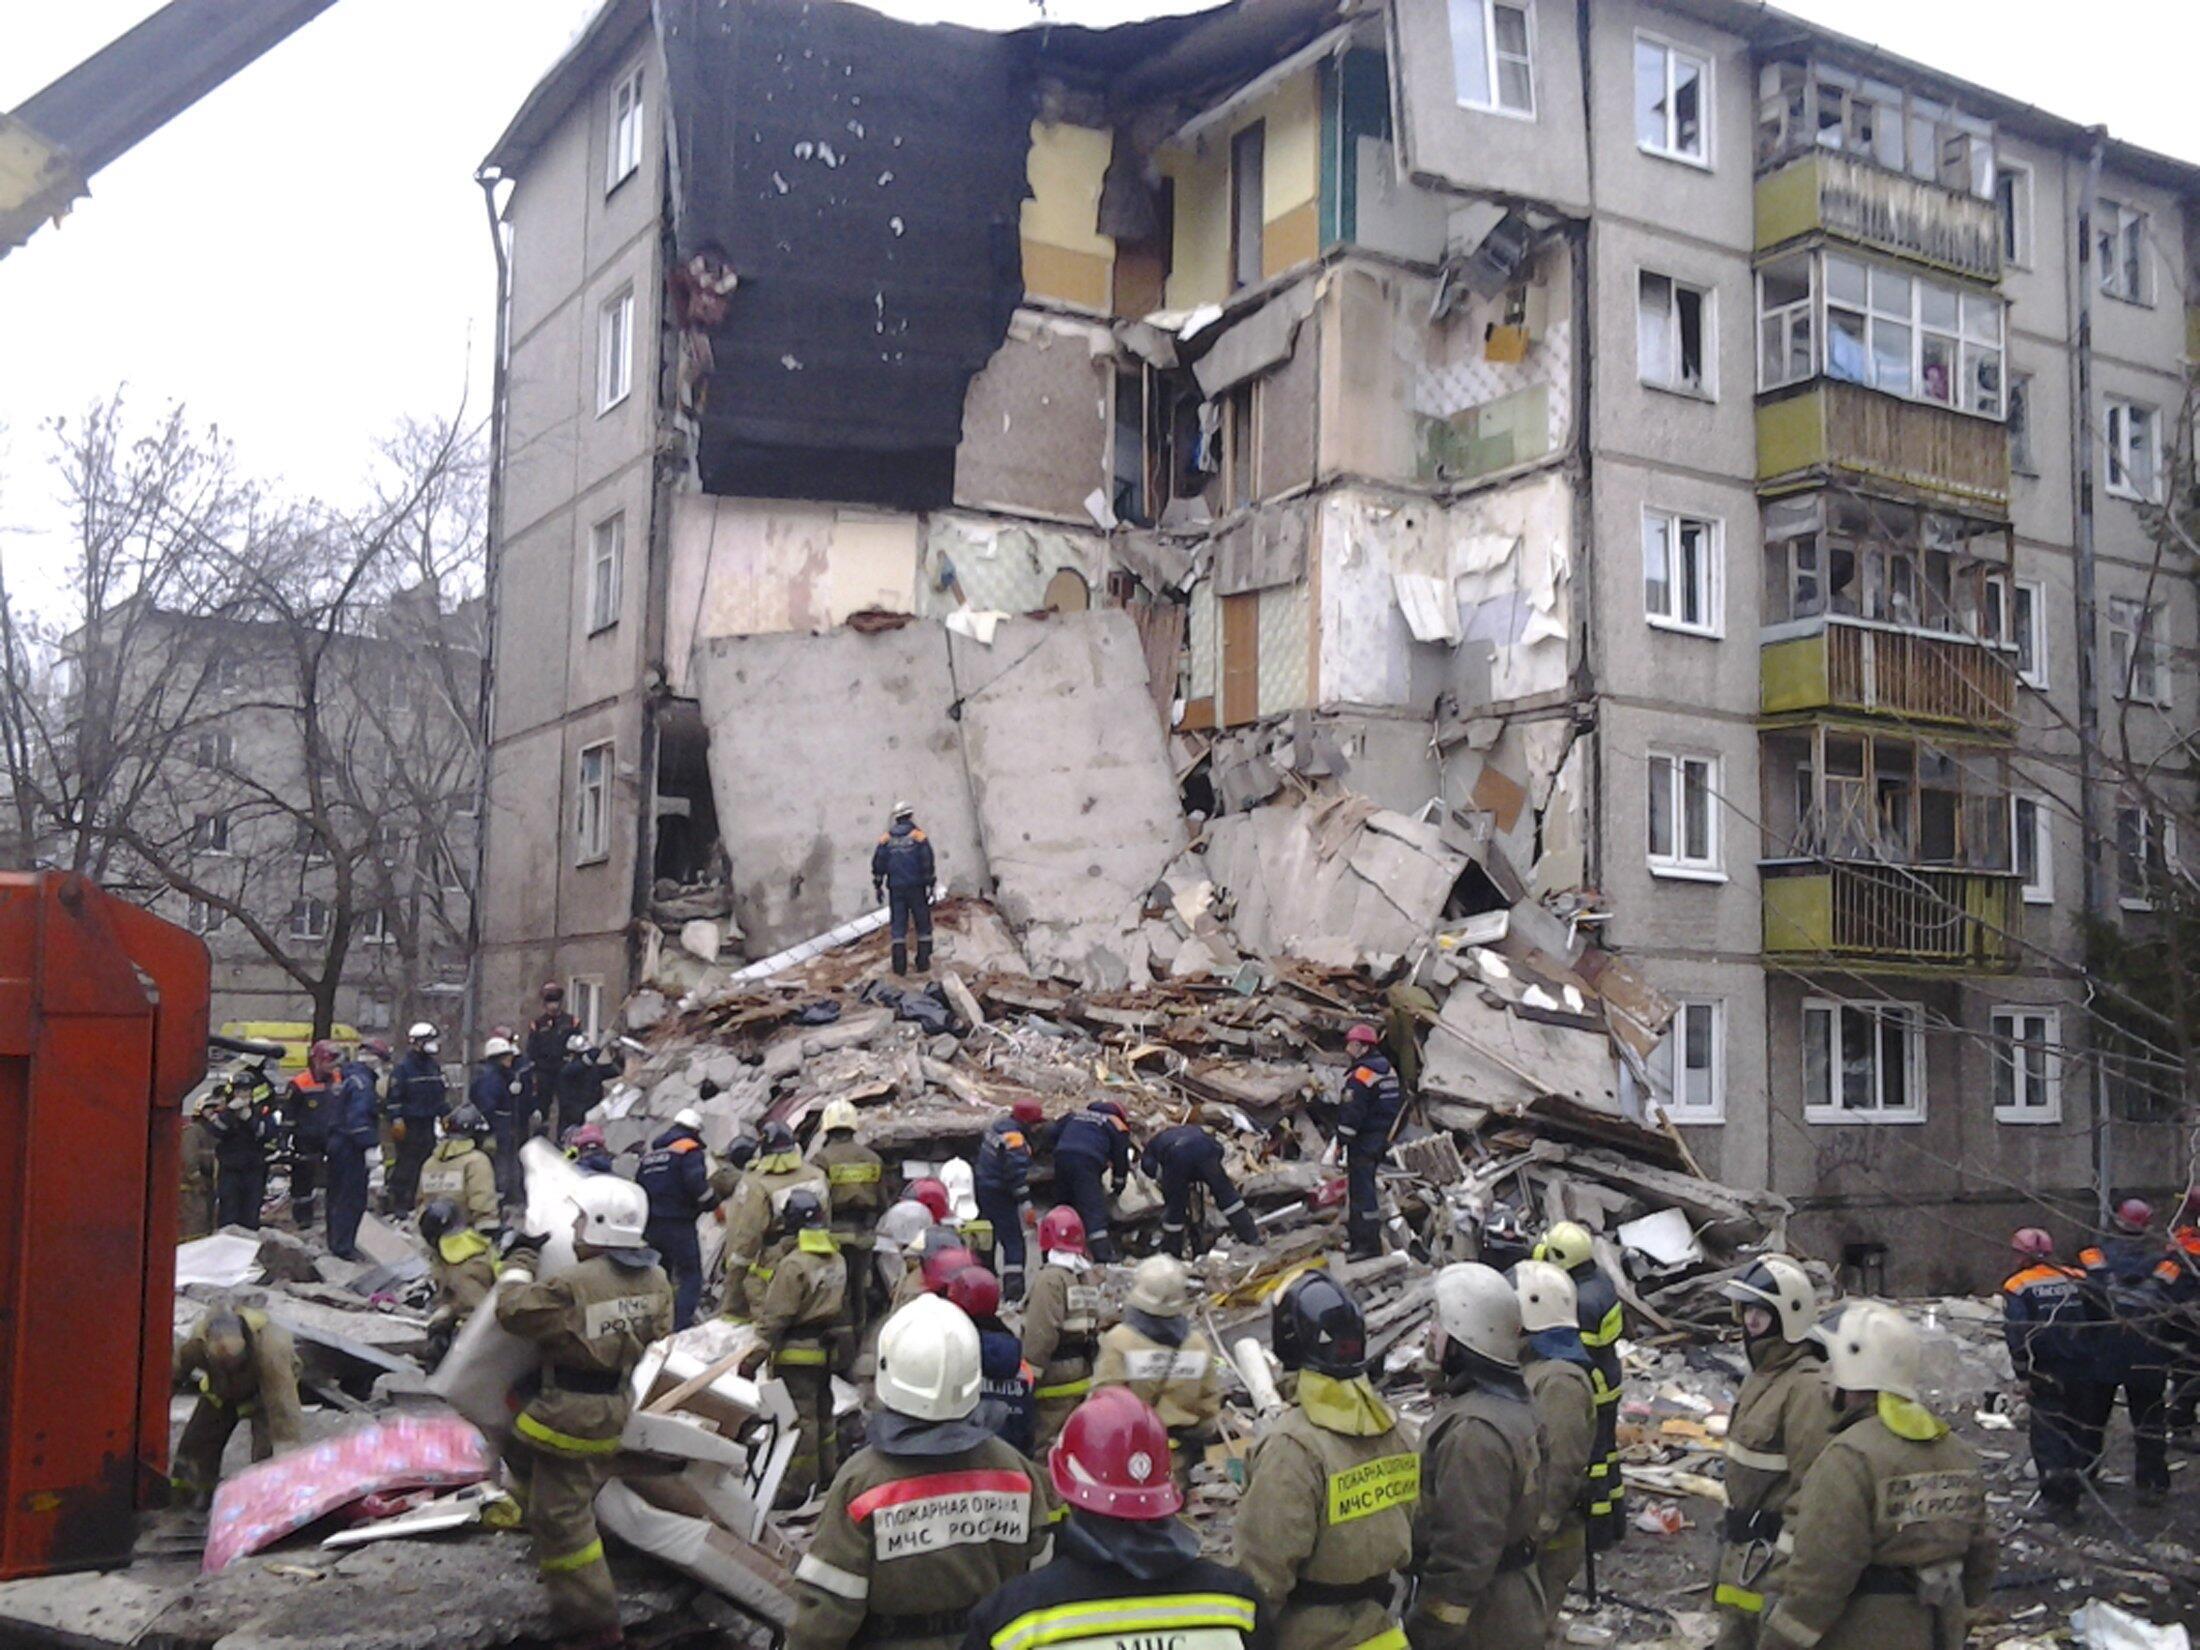 Обрушившийся в результате взрыва газа подъезд пятиэтажного жилого дома в Ярославле, 16 февраля 2016 г.